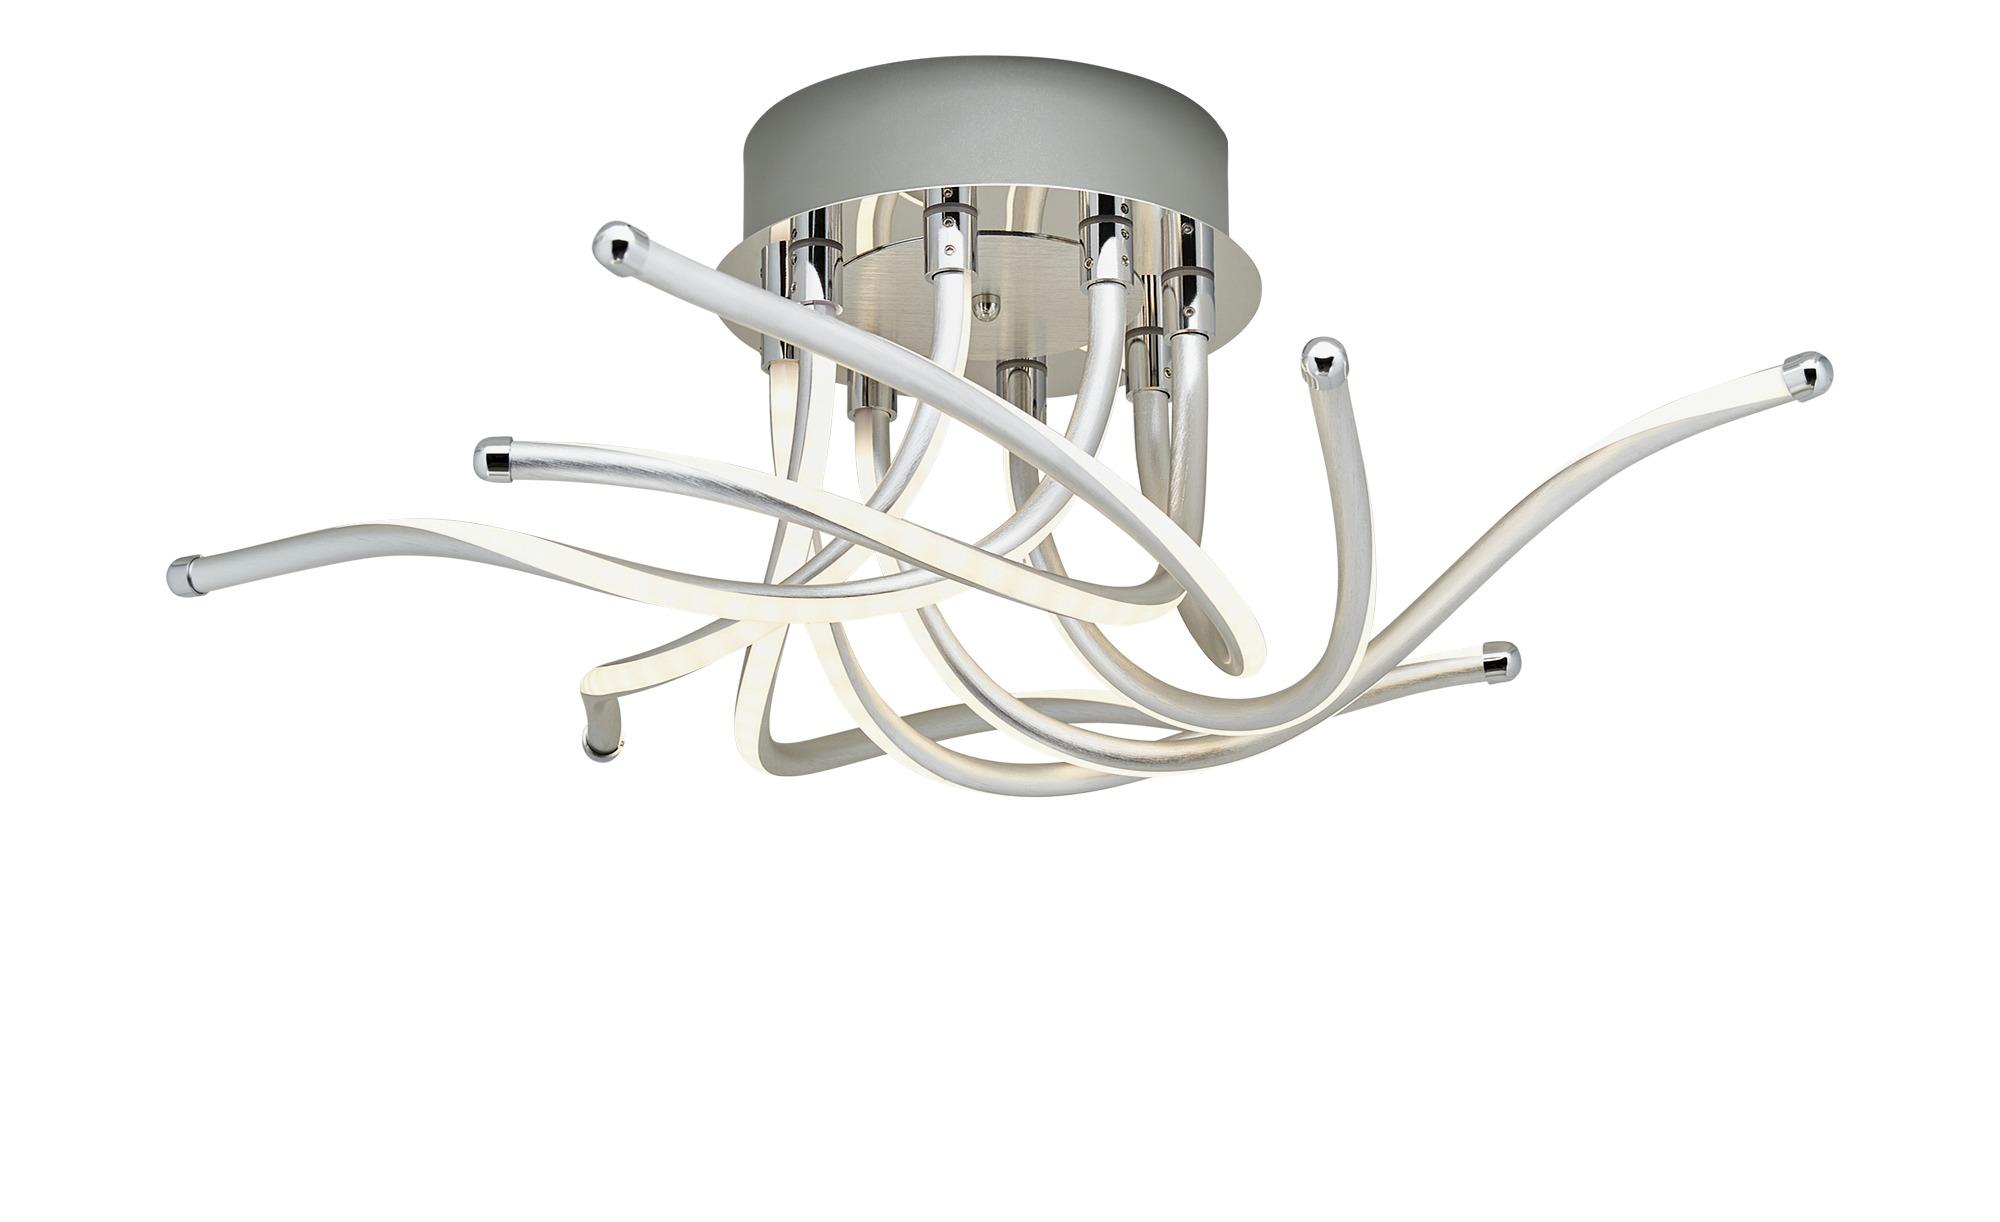 Trio LED-Deckenleuchte, chromfarben /Alu ¦ silber ¦ Maße (cm): H: 23 Ø: [85.0] Lampen & Leuchten > Innenleuchten > Deckenleuchten - Höffner